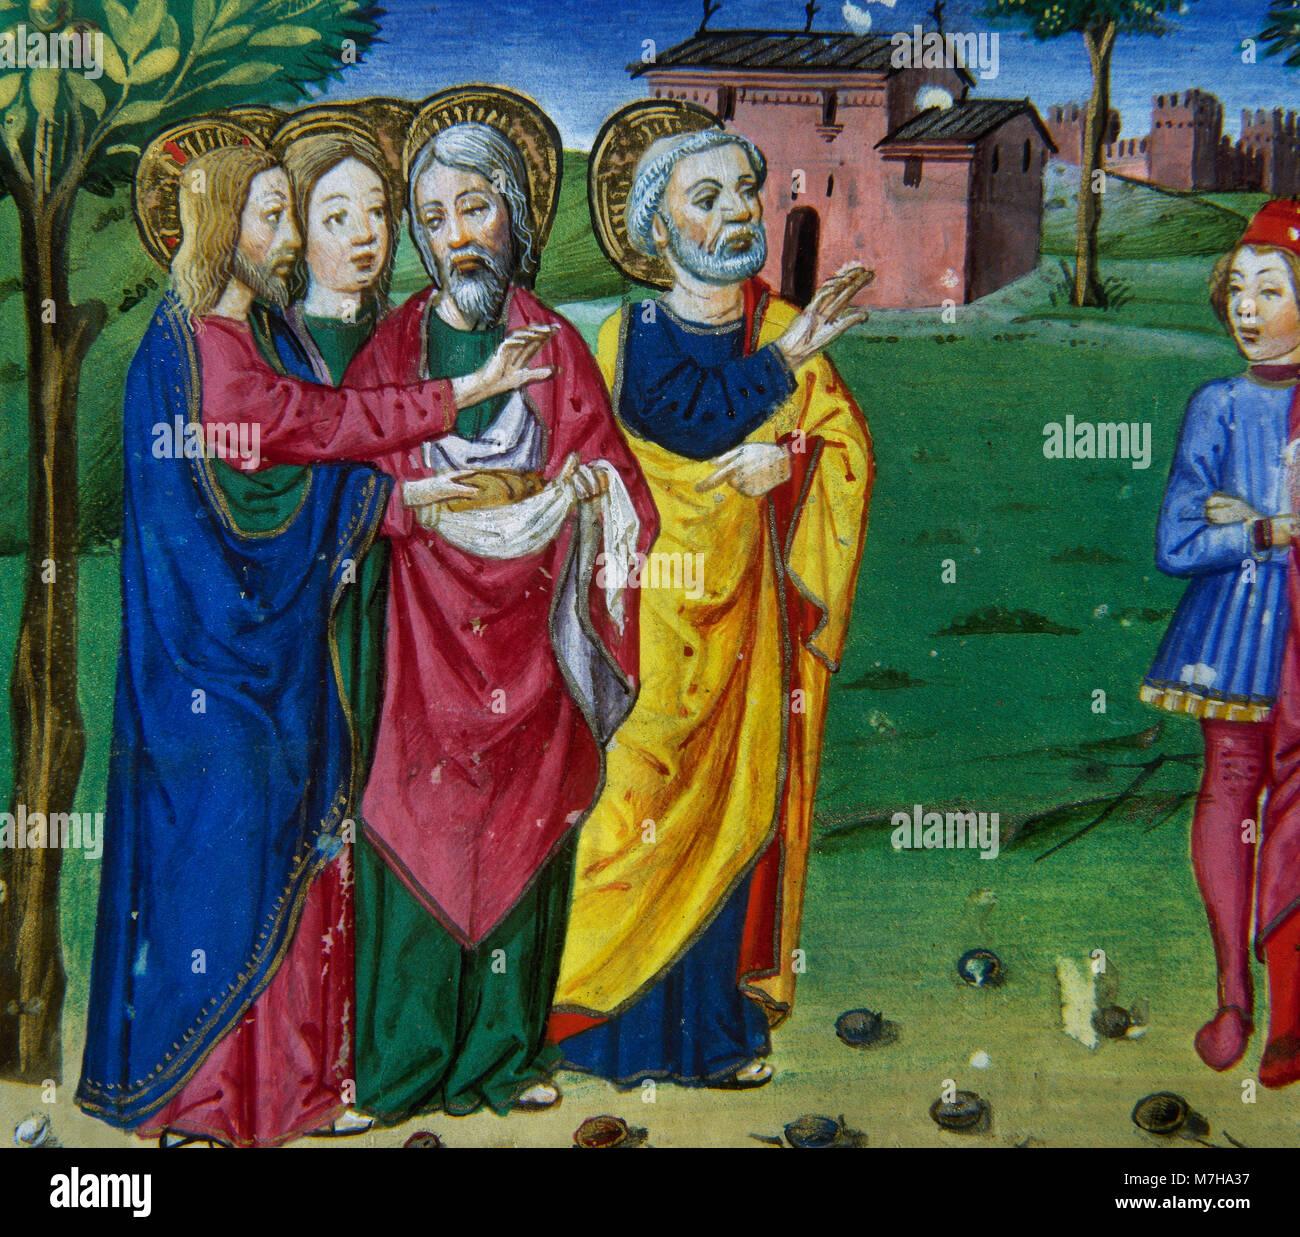 Die Jünger bitten Jesus, ihnen zu erlauben, klicken Sie Nahrung in der Stadt zu kaufen, da sie allein in der Stockbild